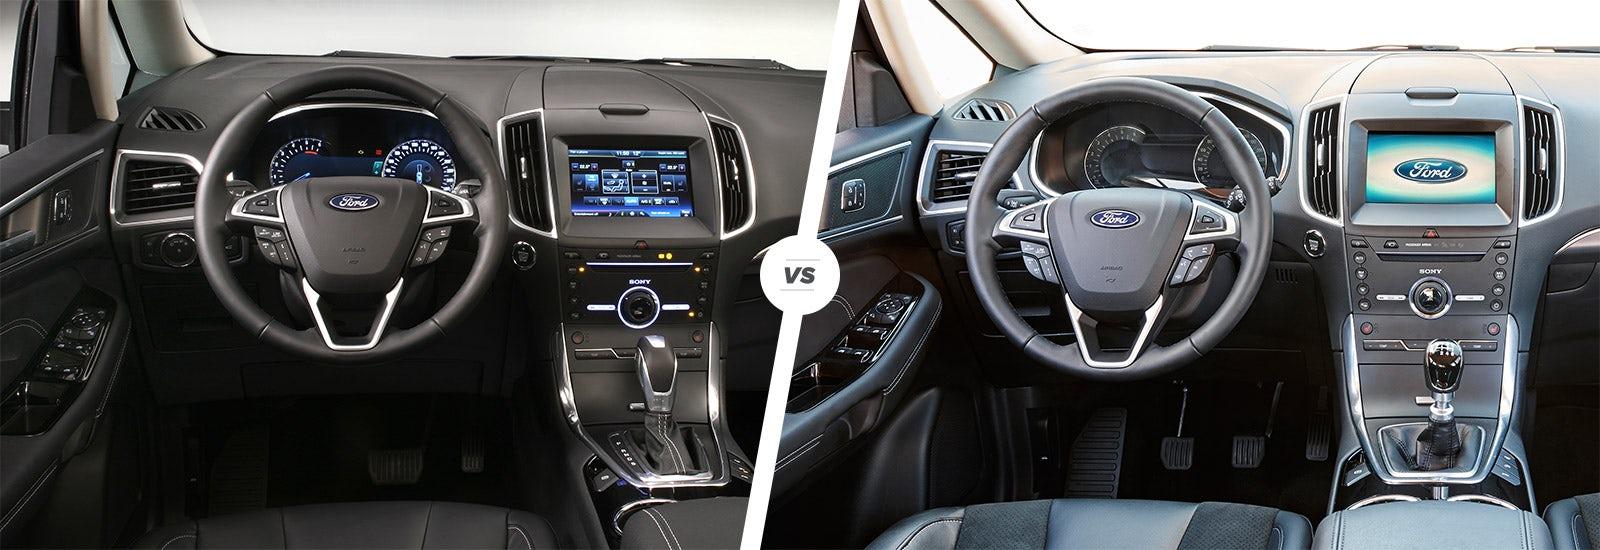 Ford Galaxy Vs S Max Interior